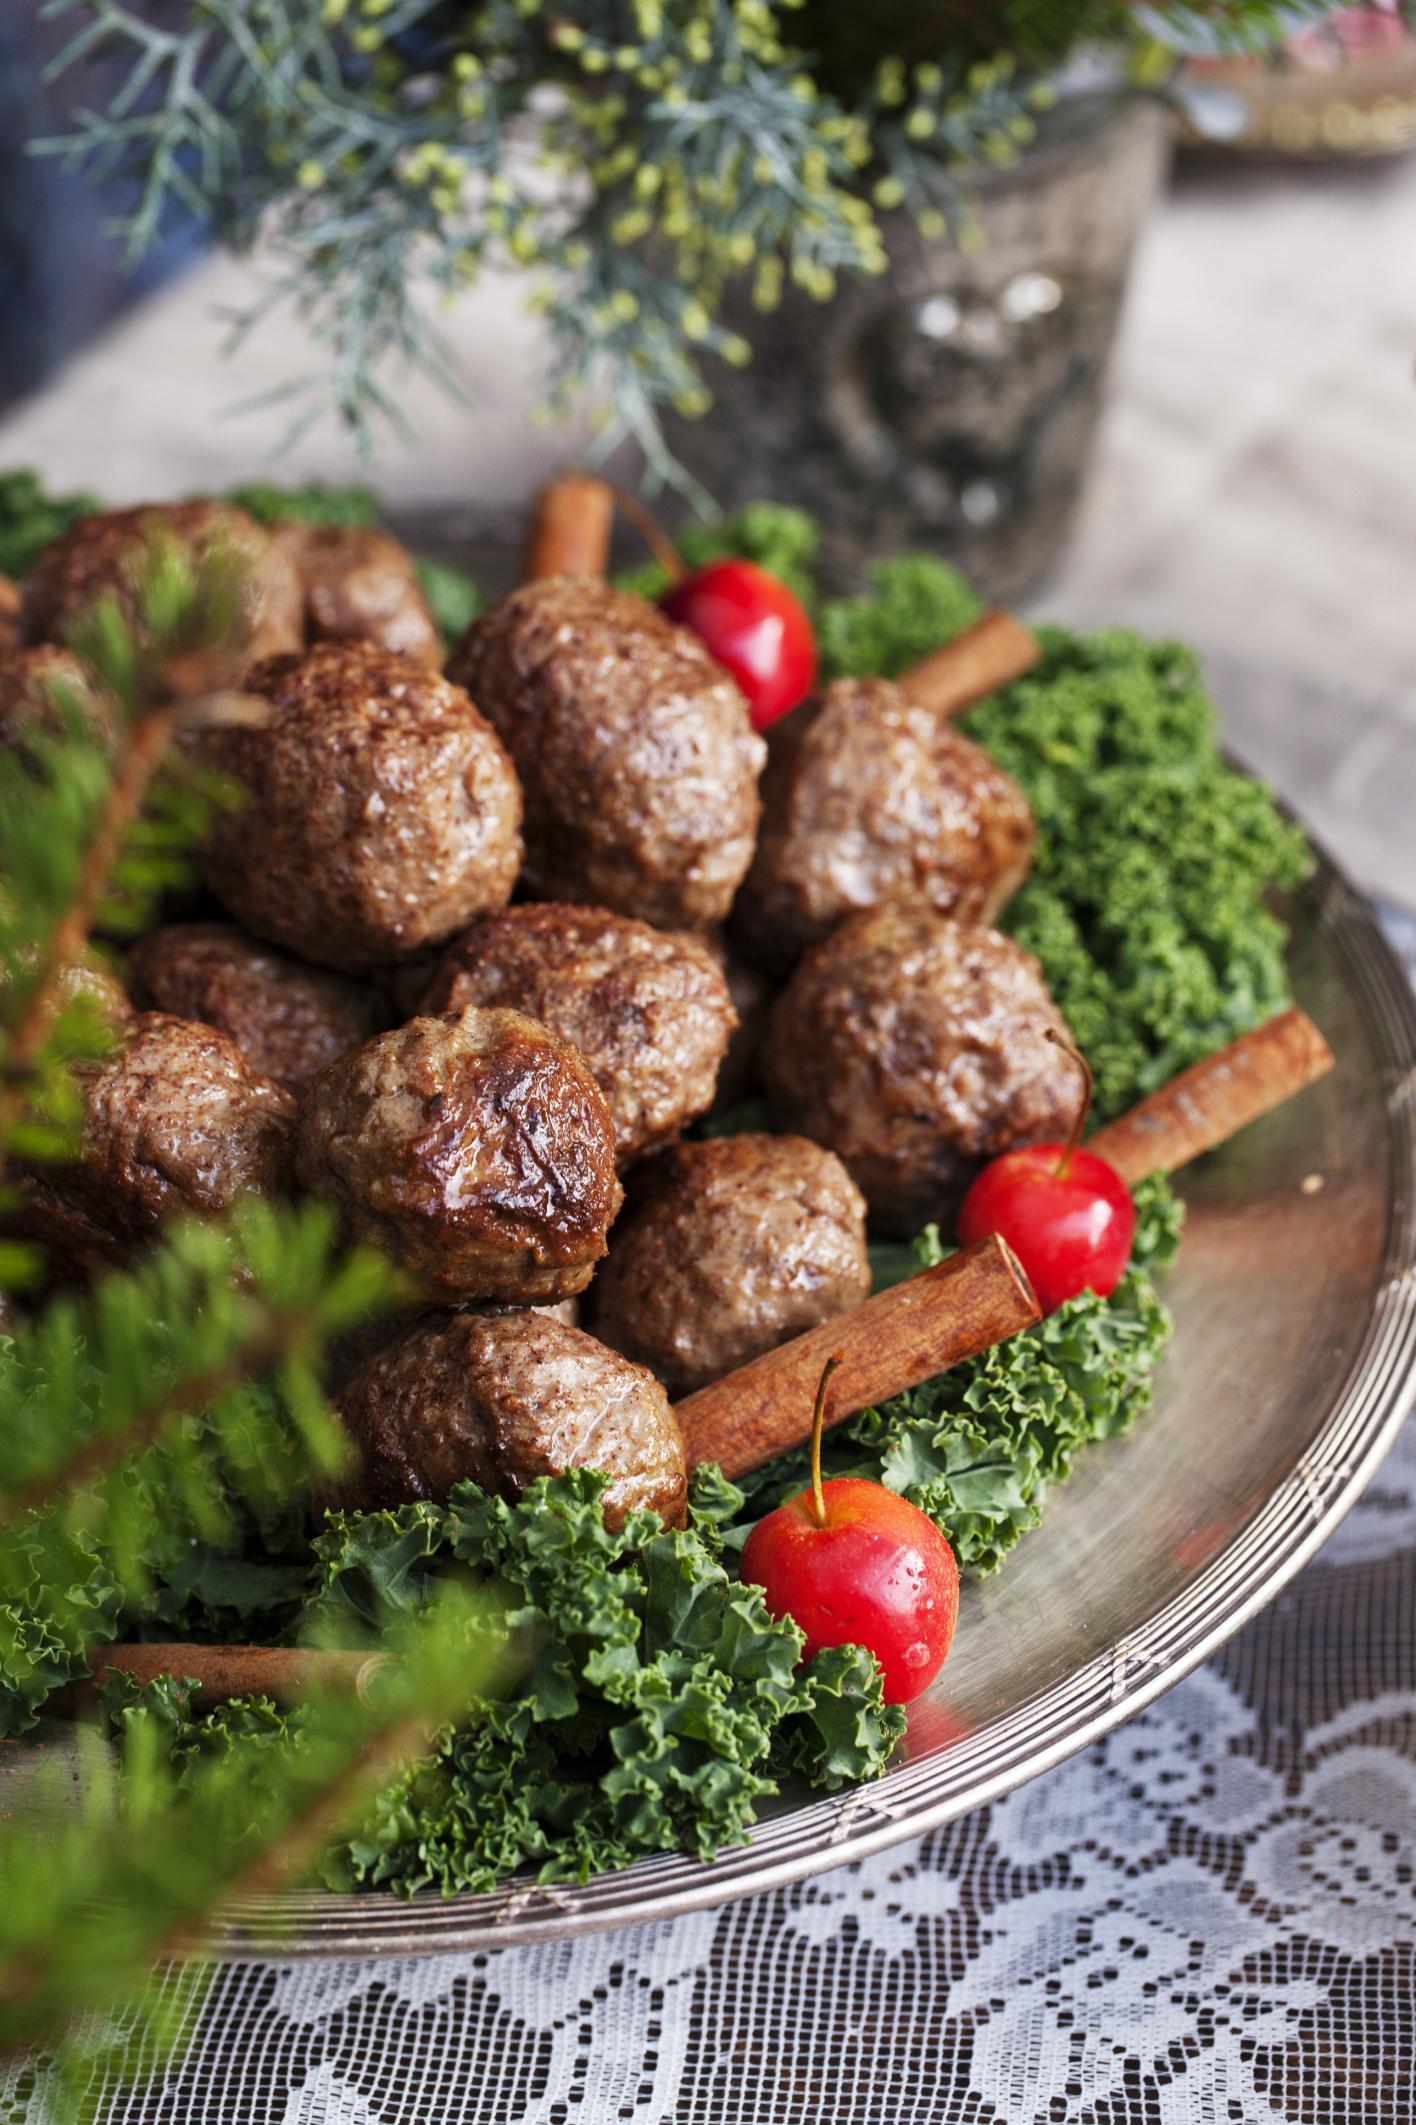 Meatballs, high angle view